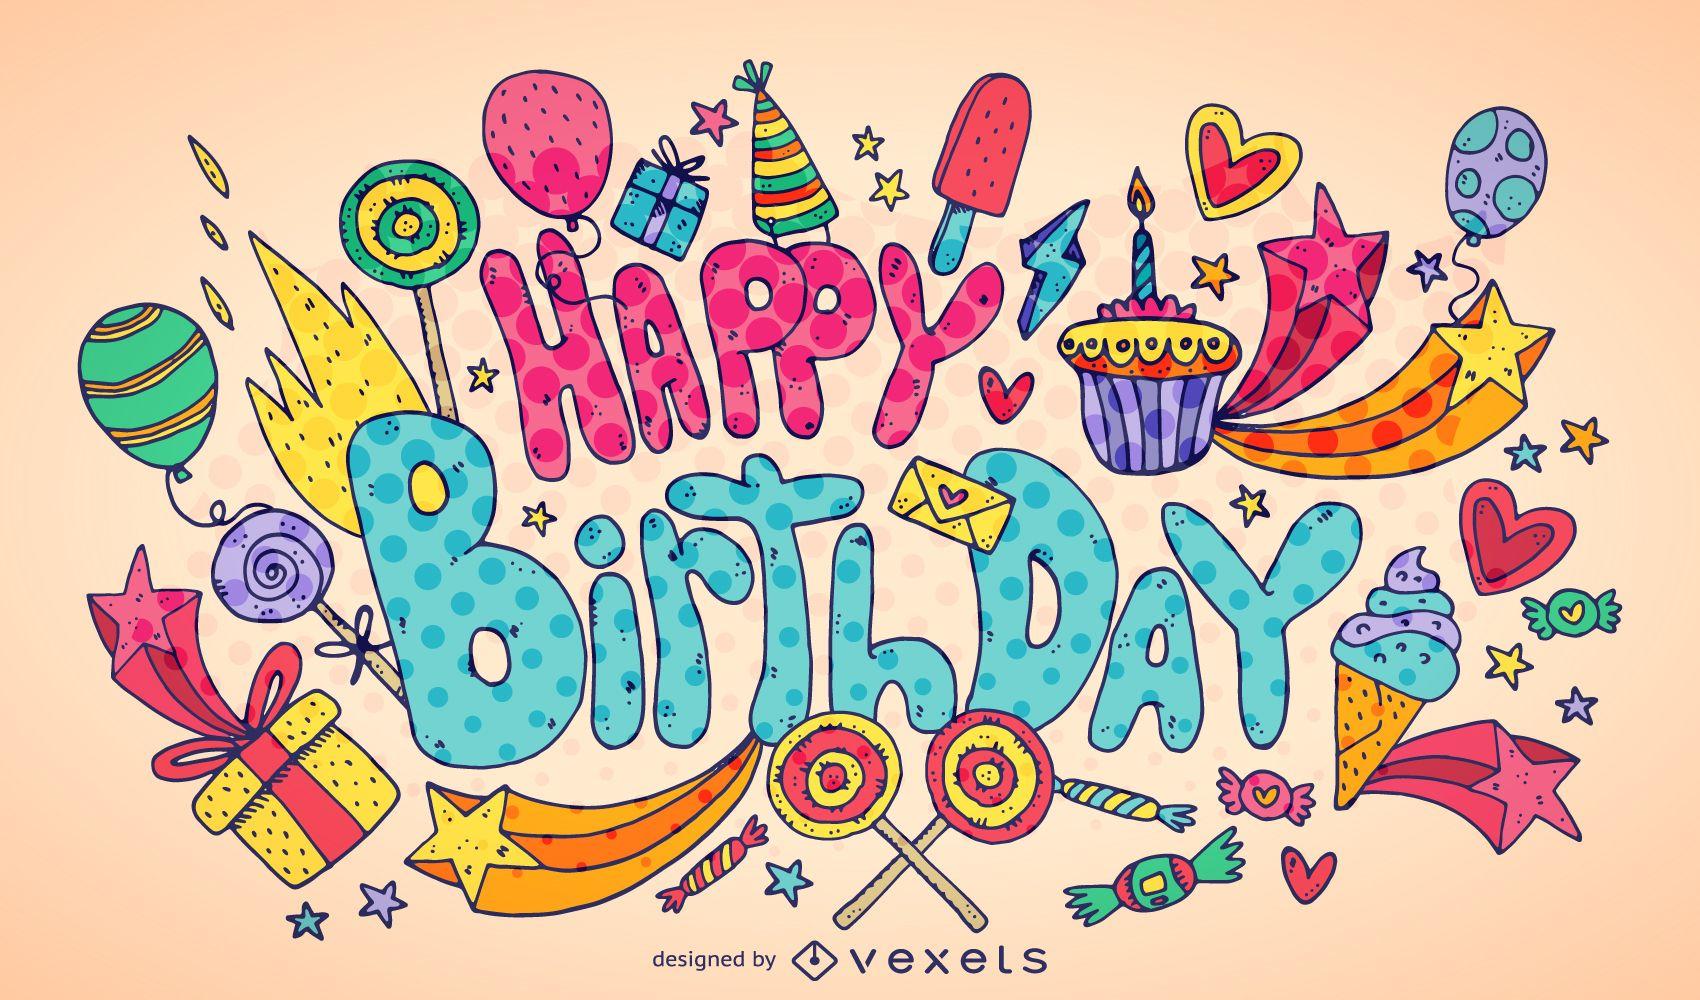 Diseño de cartel artístico de fiesta de cumpleaños para niños